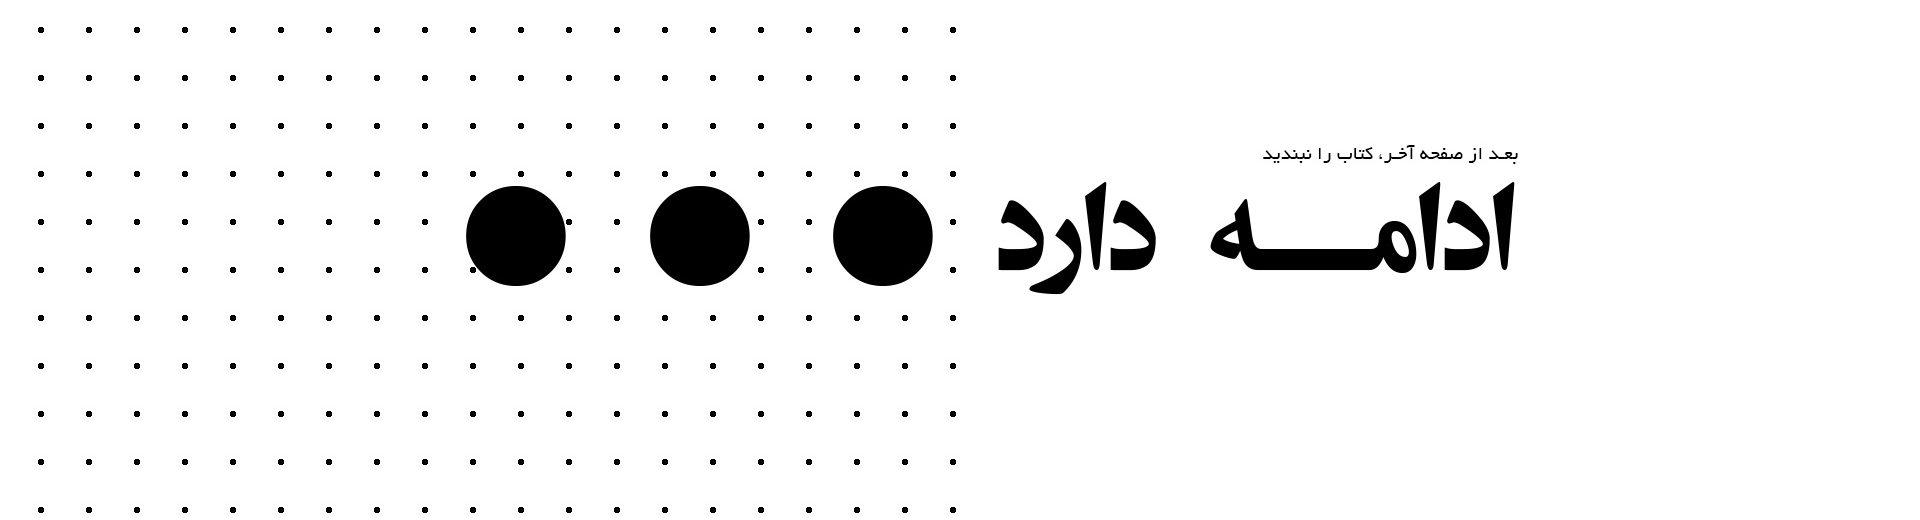 وبلاگ انتشارات آریاناقلم